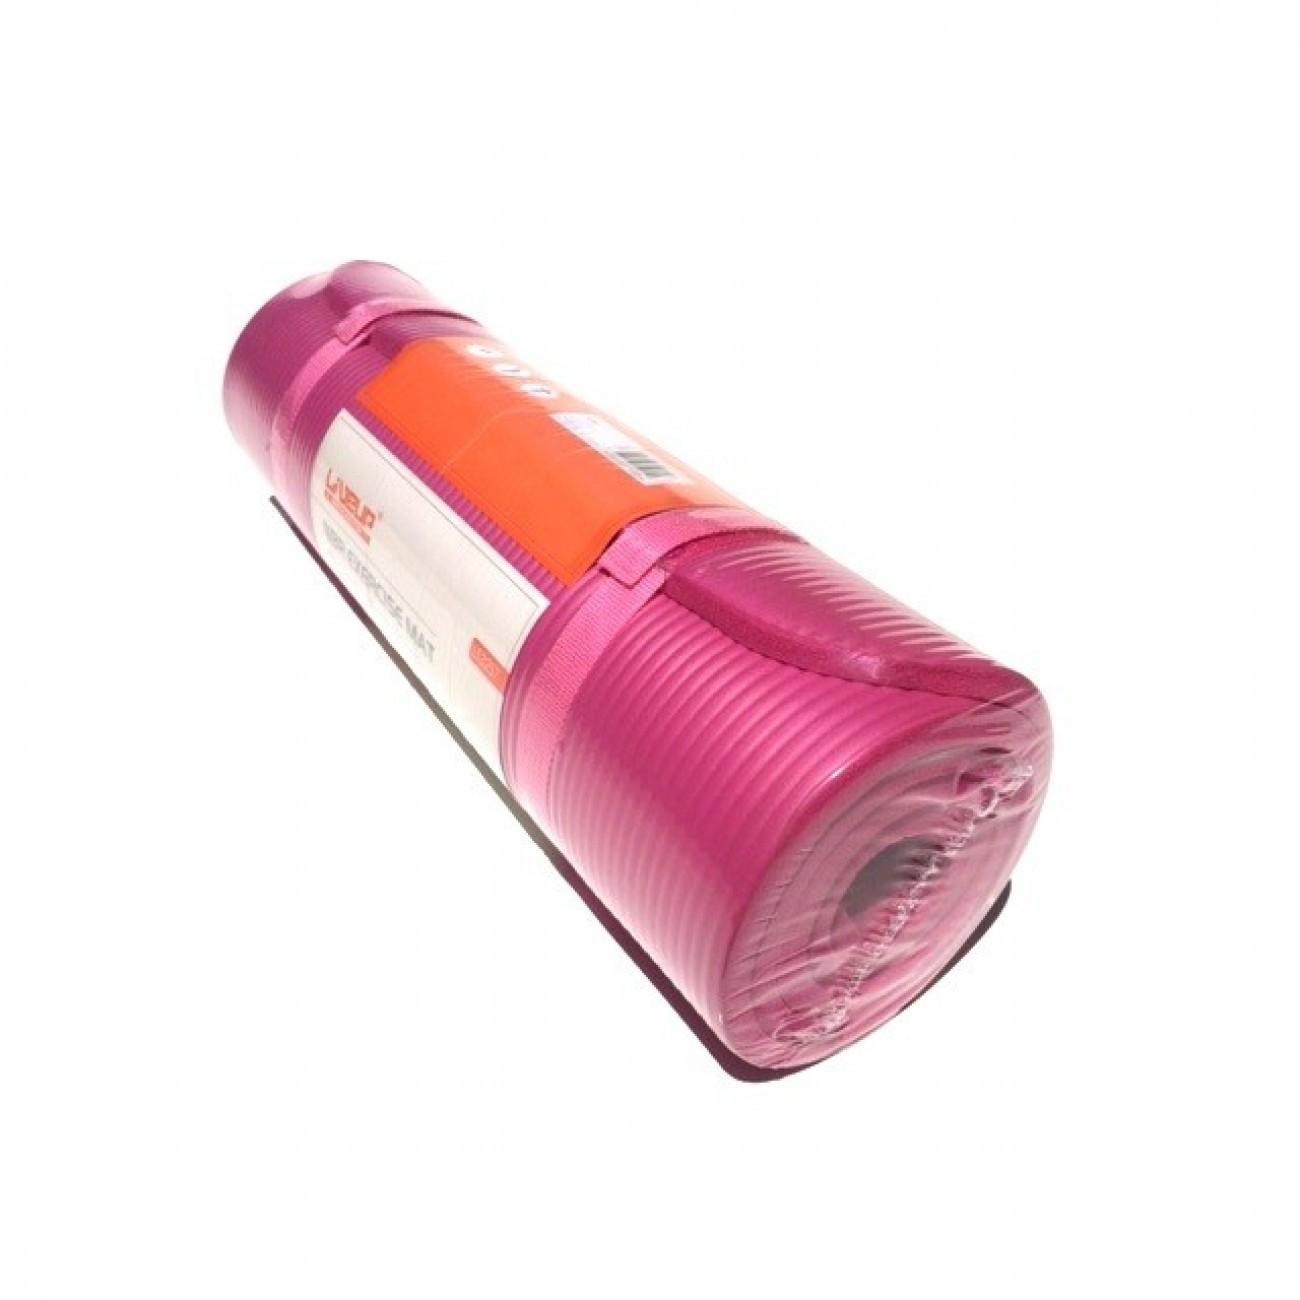 COLCHONETE - ROSA - TAM 180 X 60 X 1,20 CM - LIVEUP SPORTS